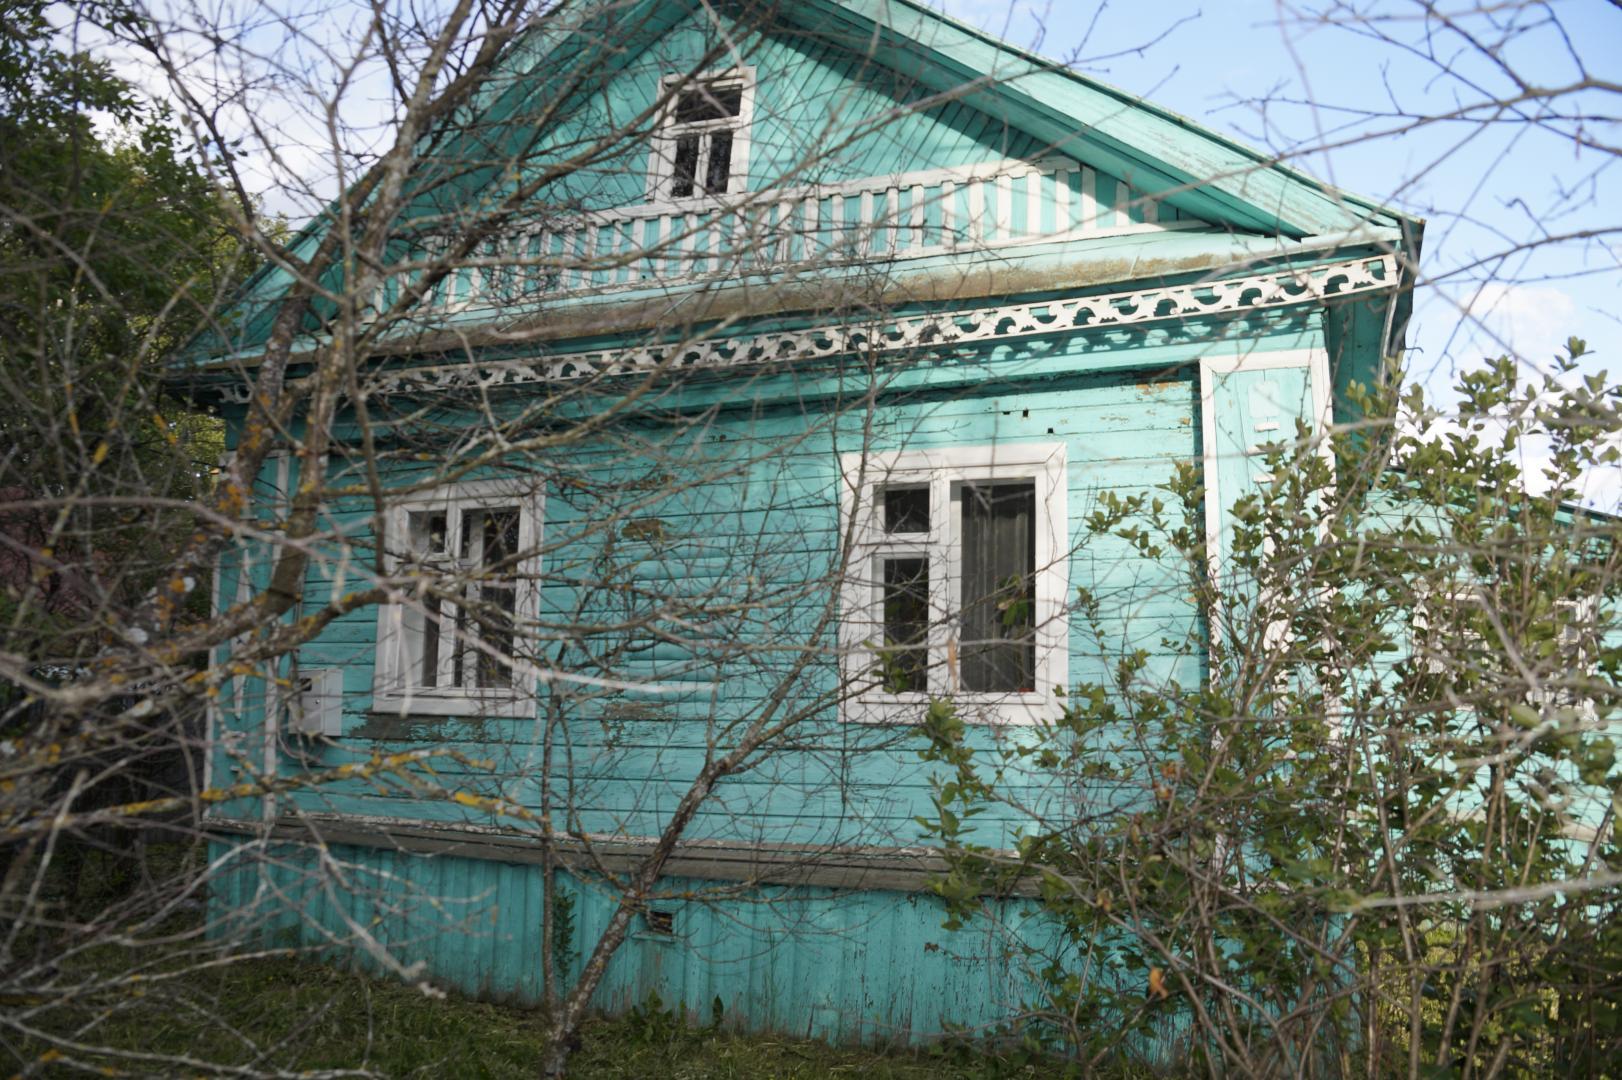 продается бревенчатый дом в д. кормилицино...